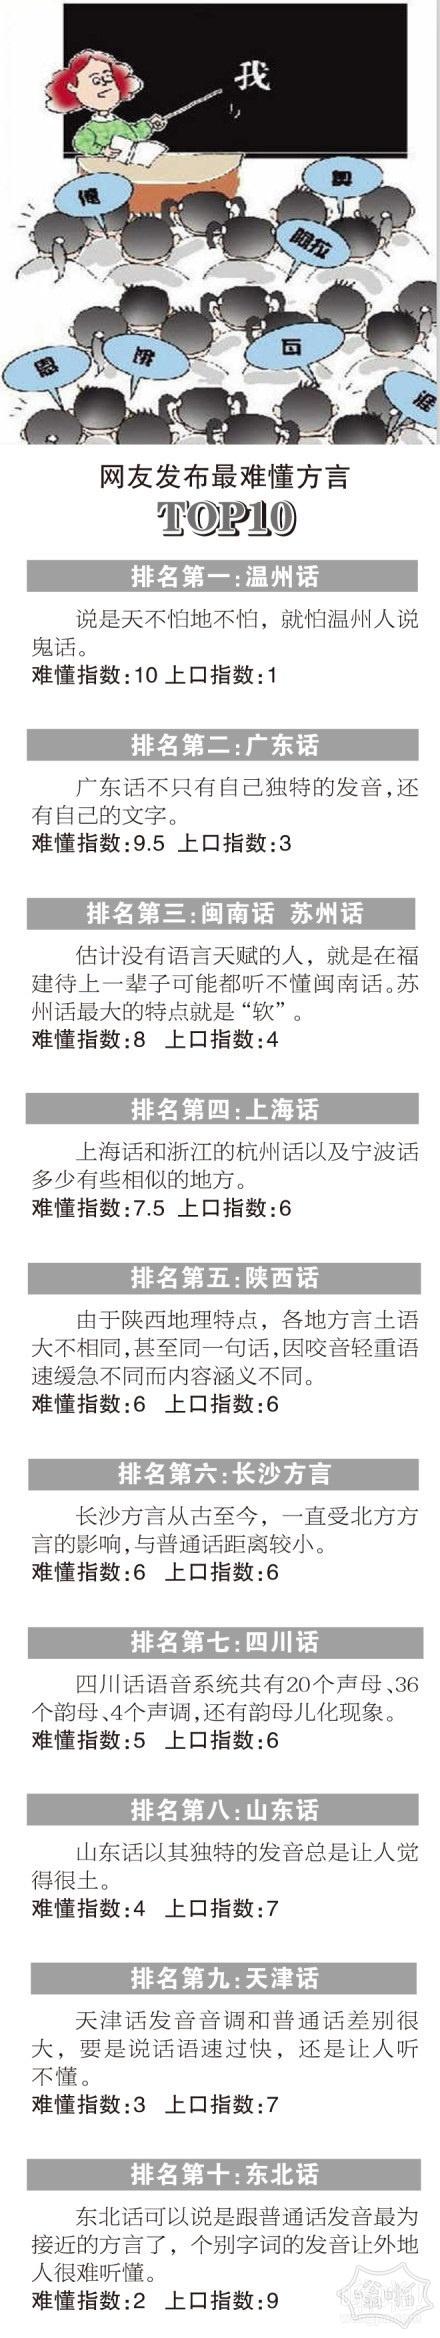 """十大最难懂方言""""走红 温州话居榜首"""